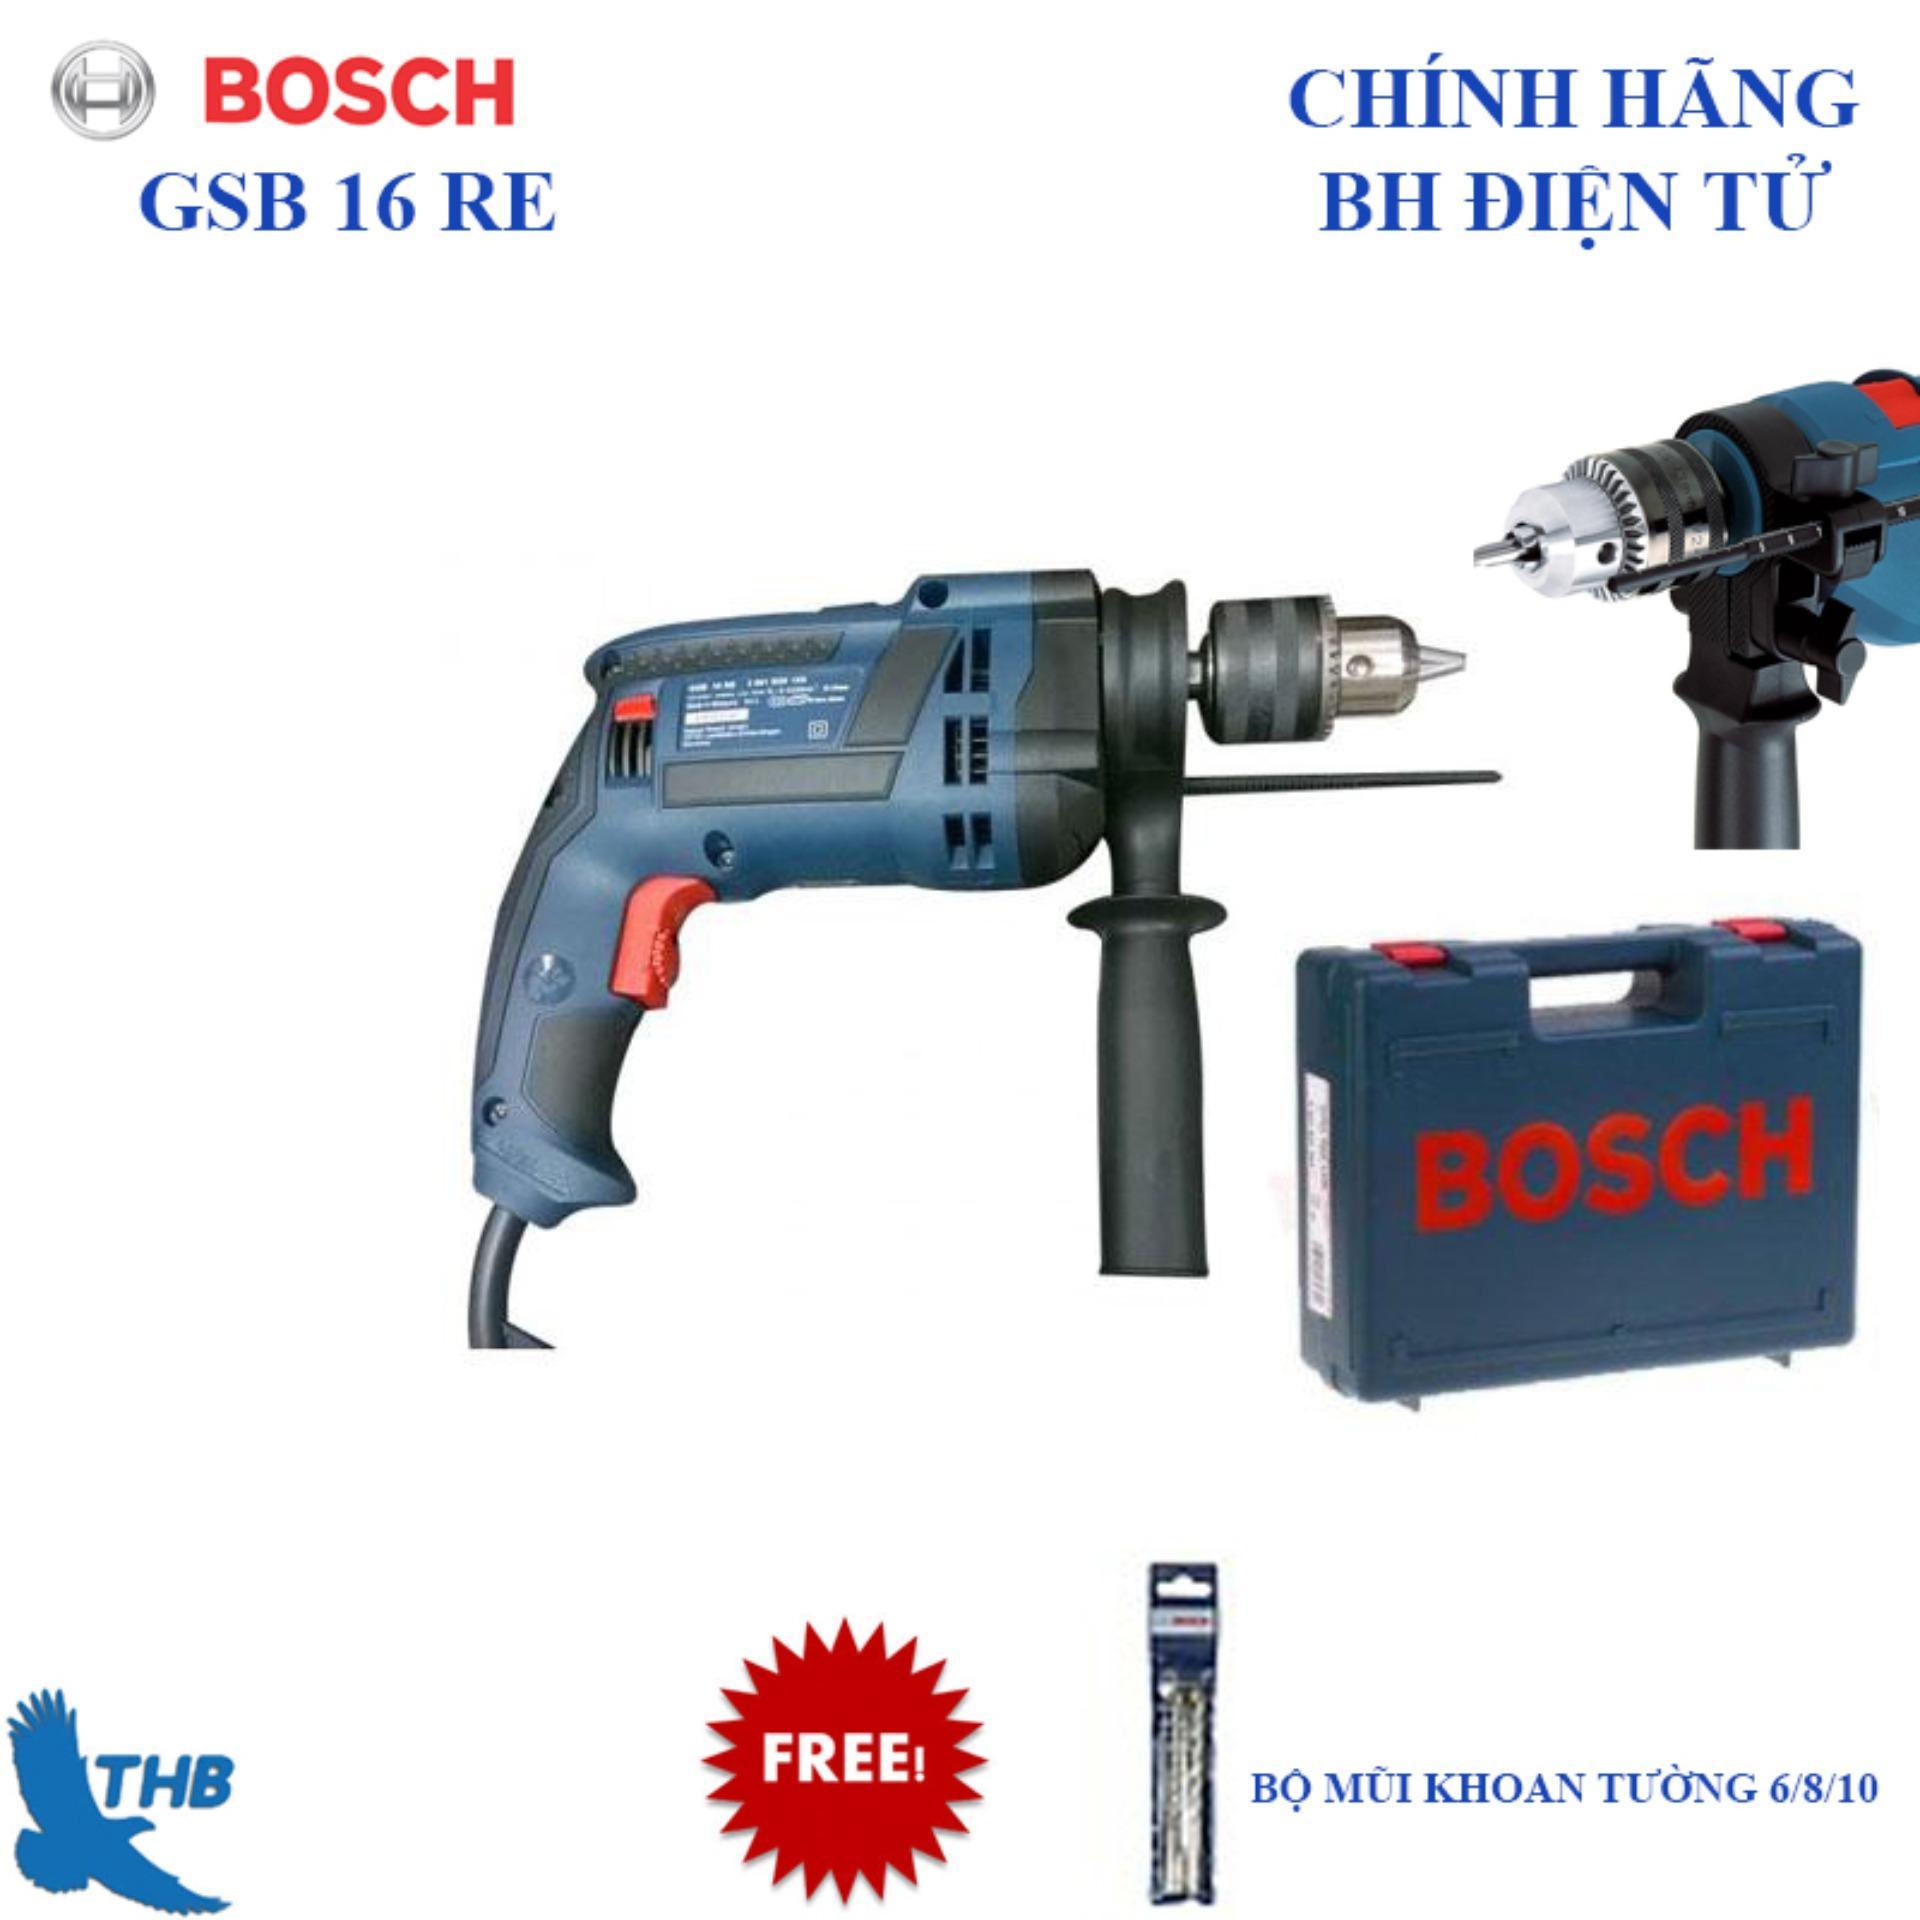 Máy khoan động lực Bosch GSB 16 RE ( Kèm hộp nhựa + 3 mũi khoan tường 6,8,10)